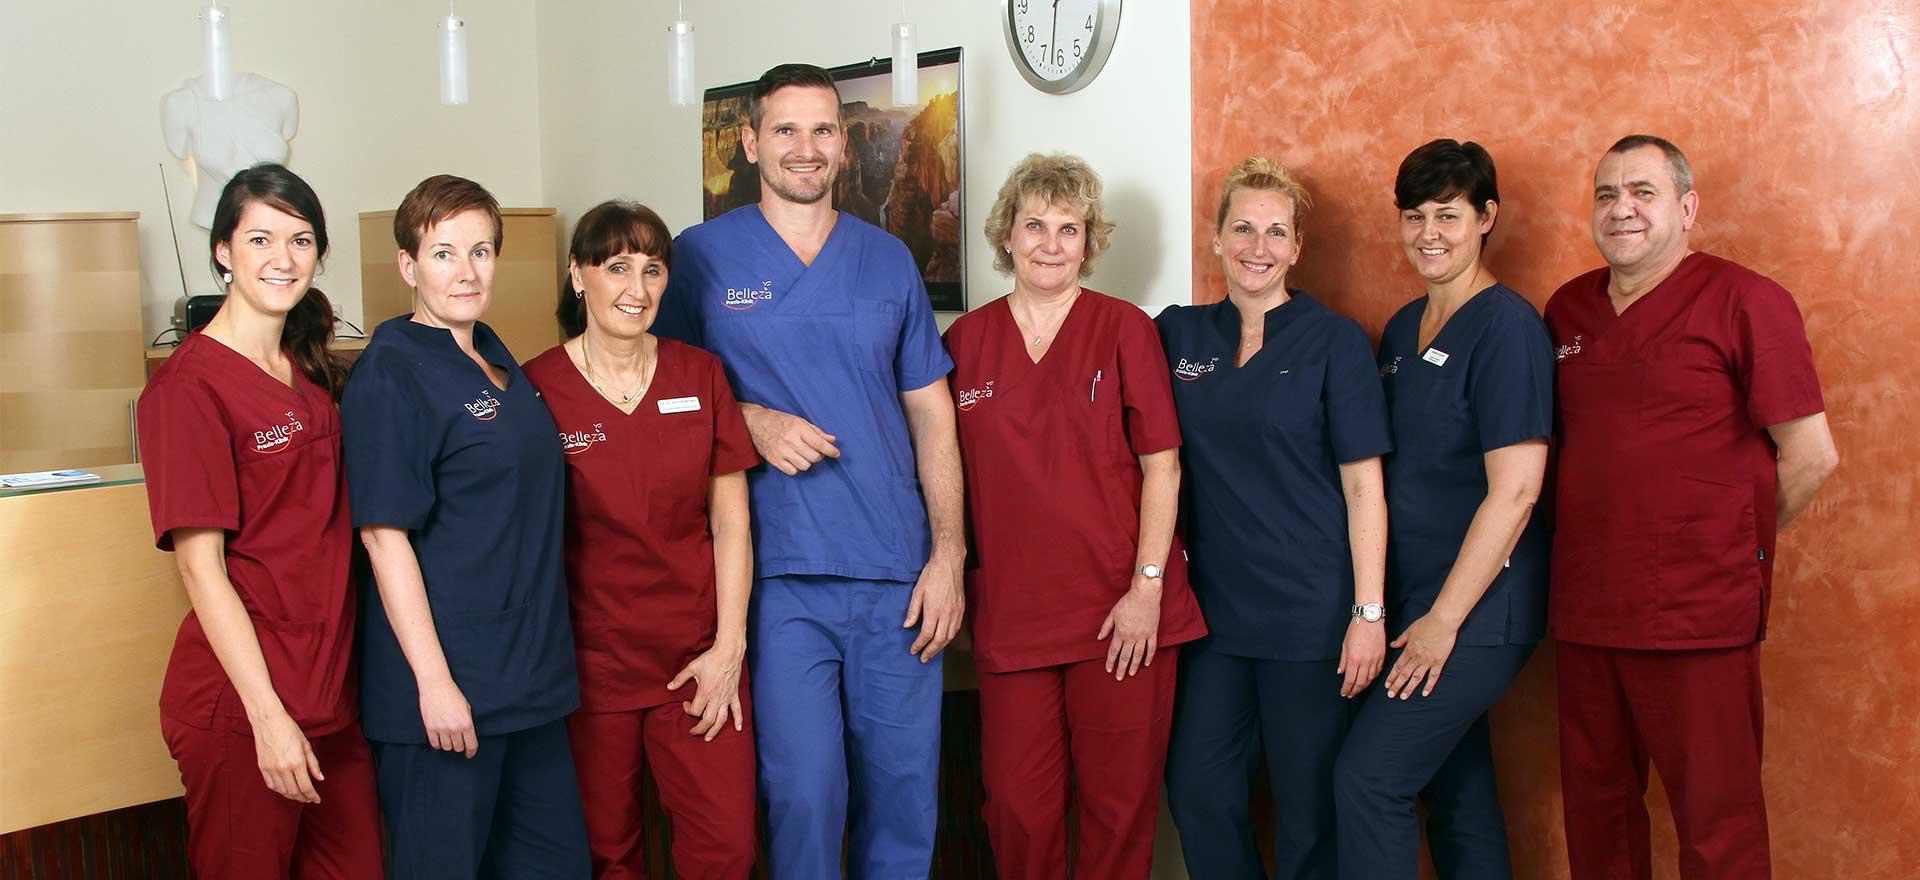 Zahnärzte und Mitarbeiter des Teams von Belleza in Berlin.